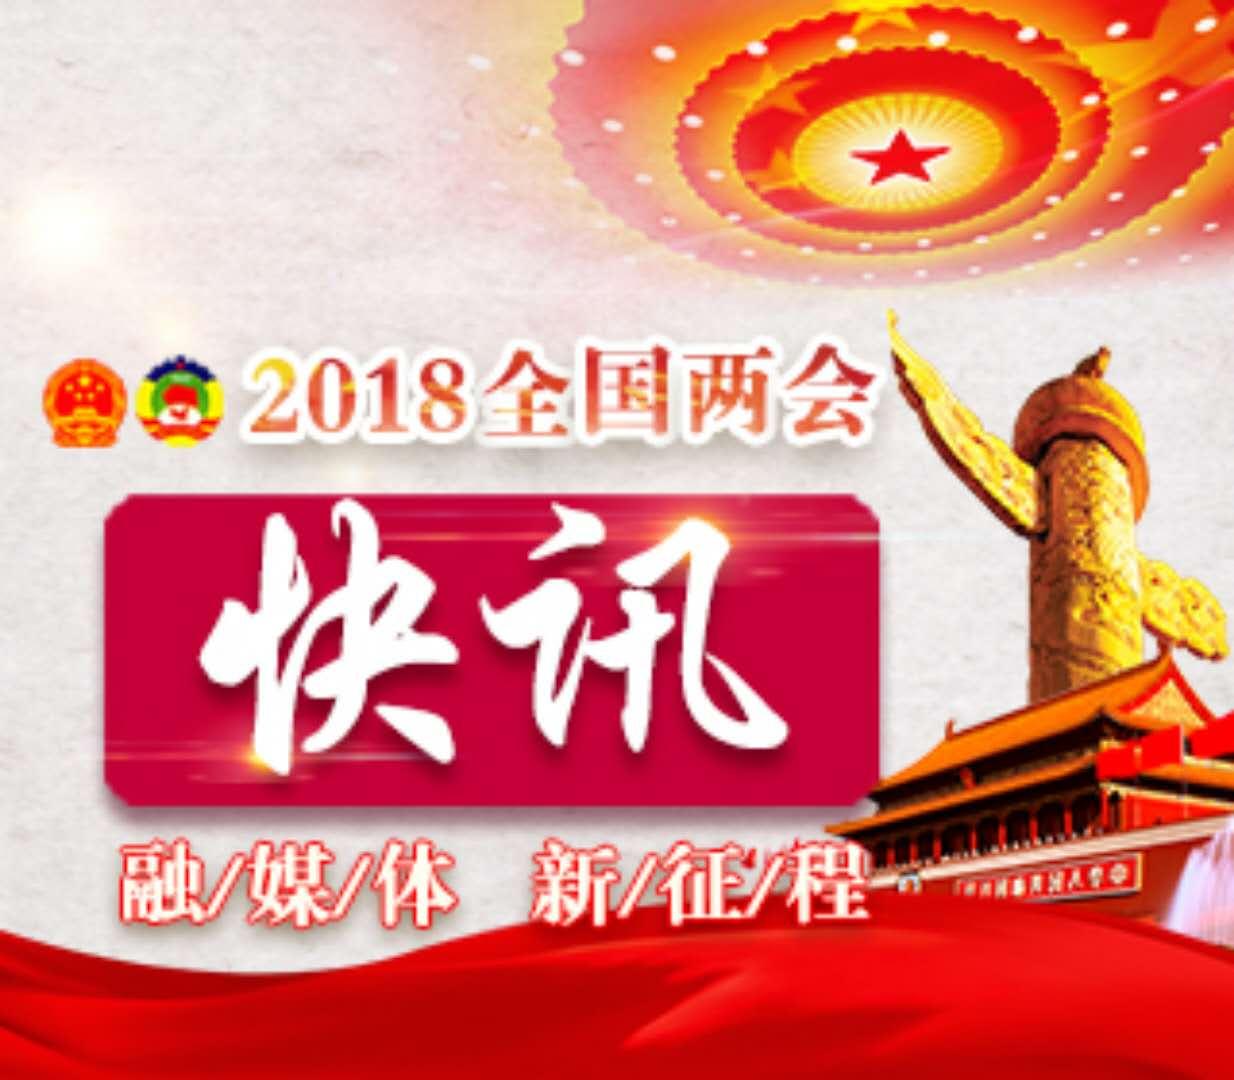 周强当选为中华人民共和国最高人民法院院长